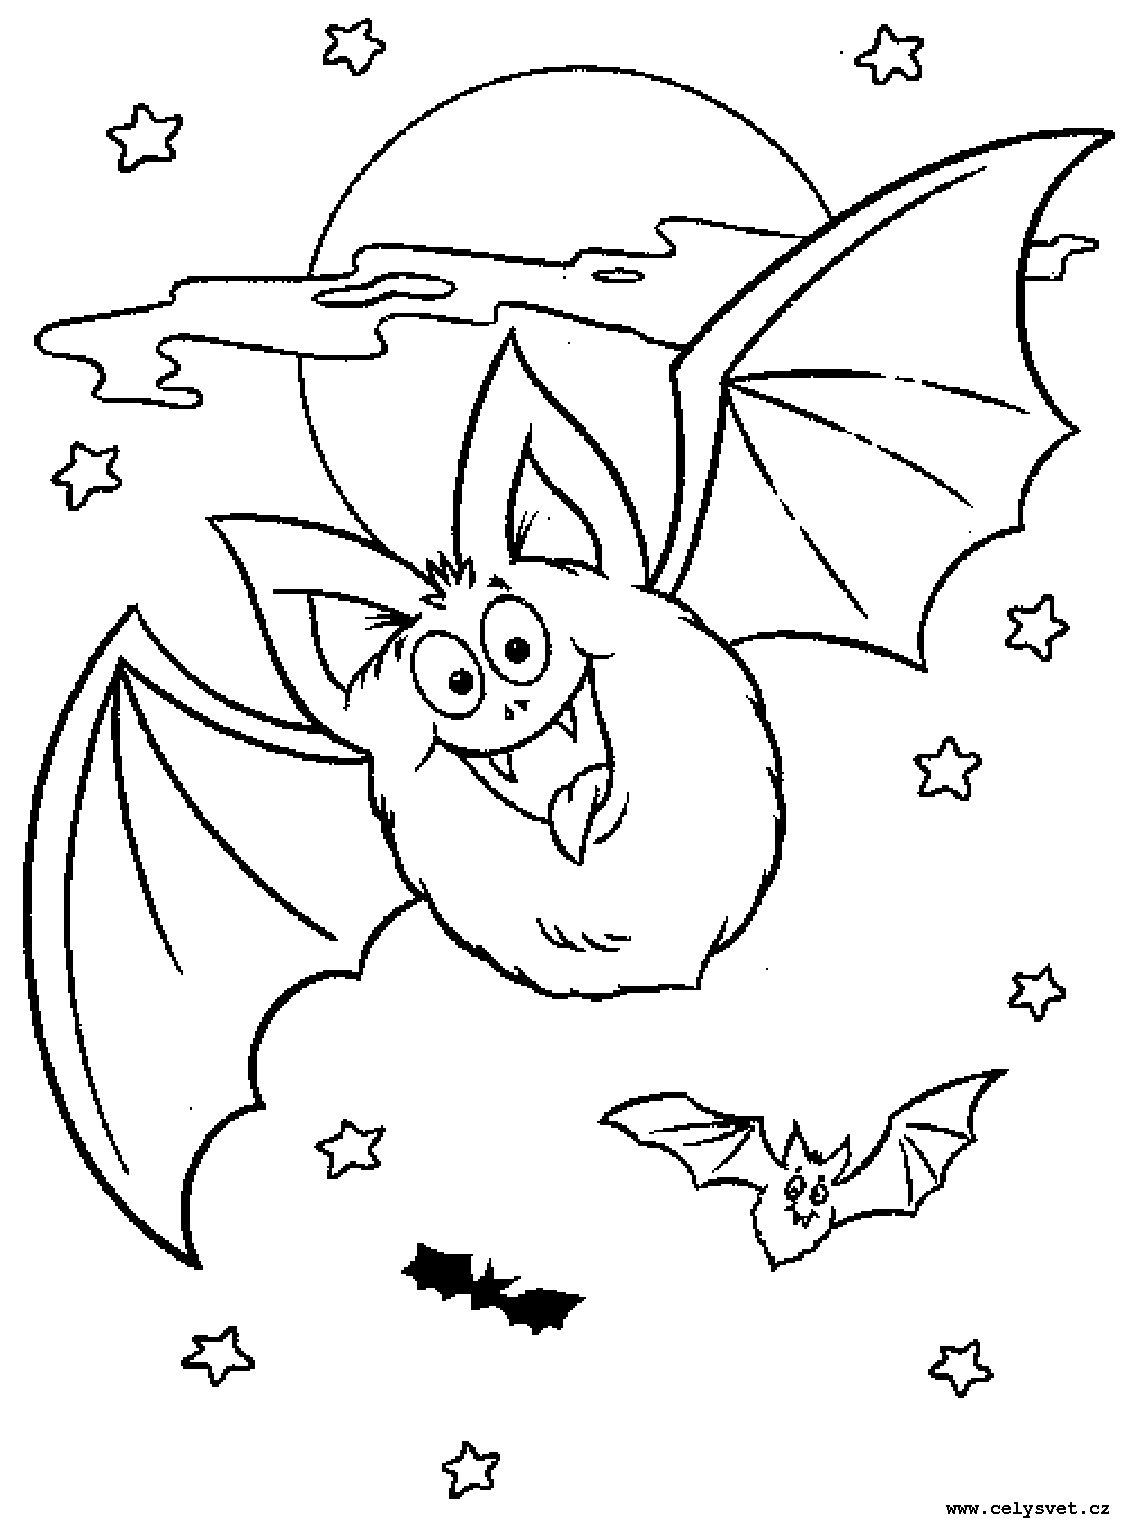 Раскраски на хэллоуин - 8